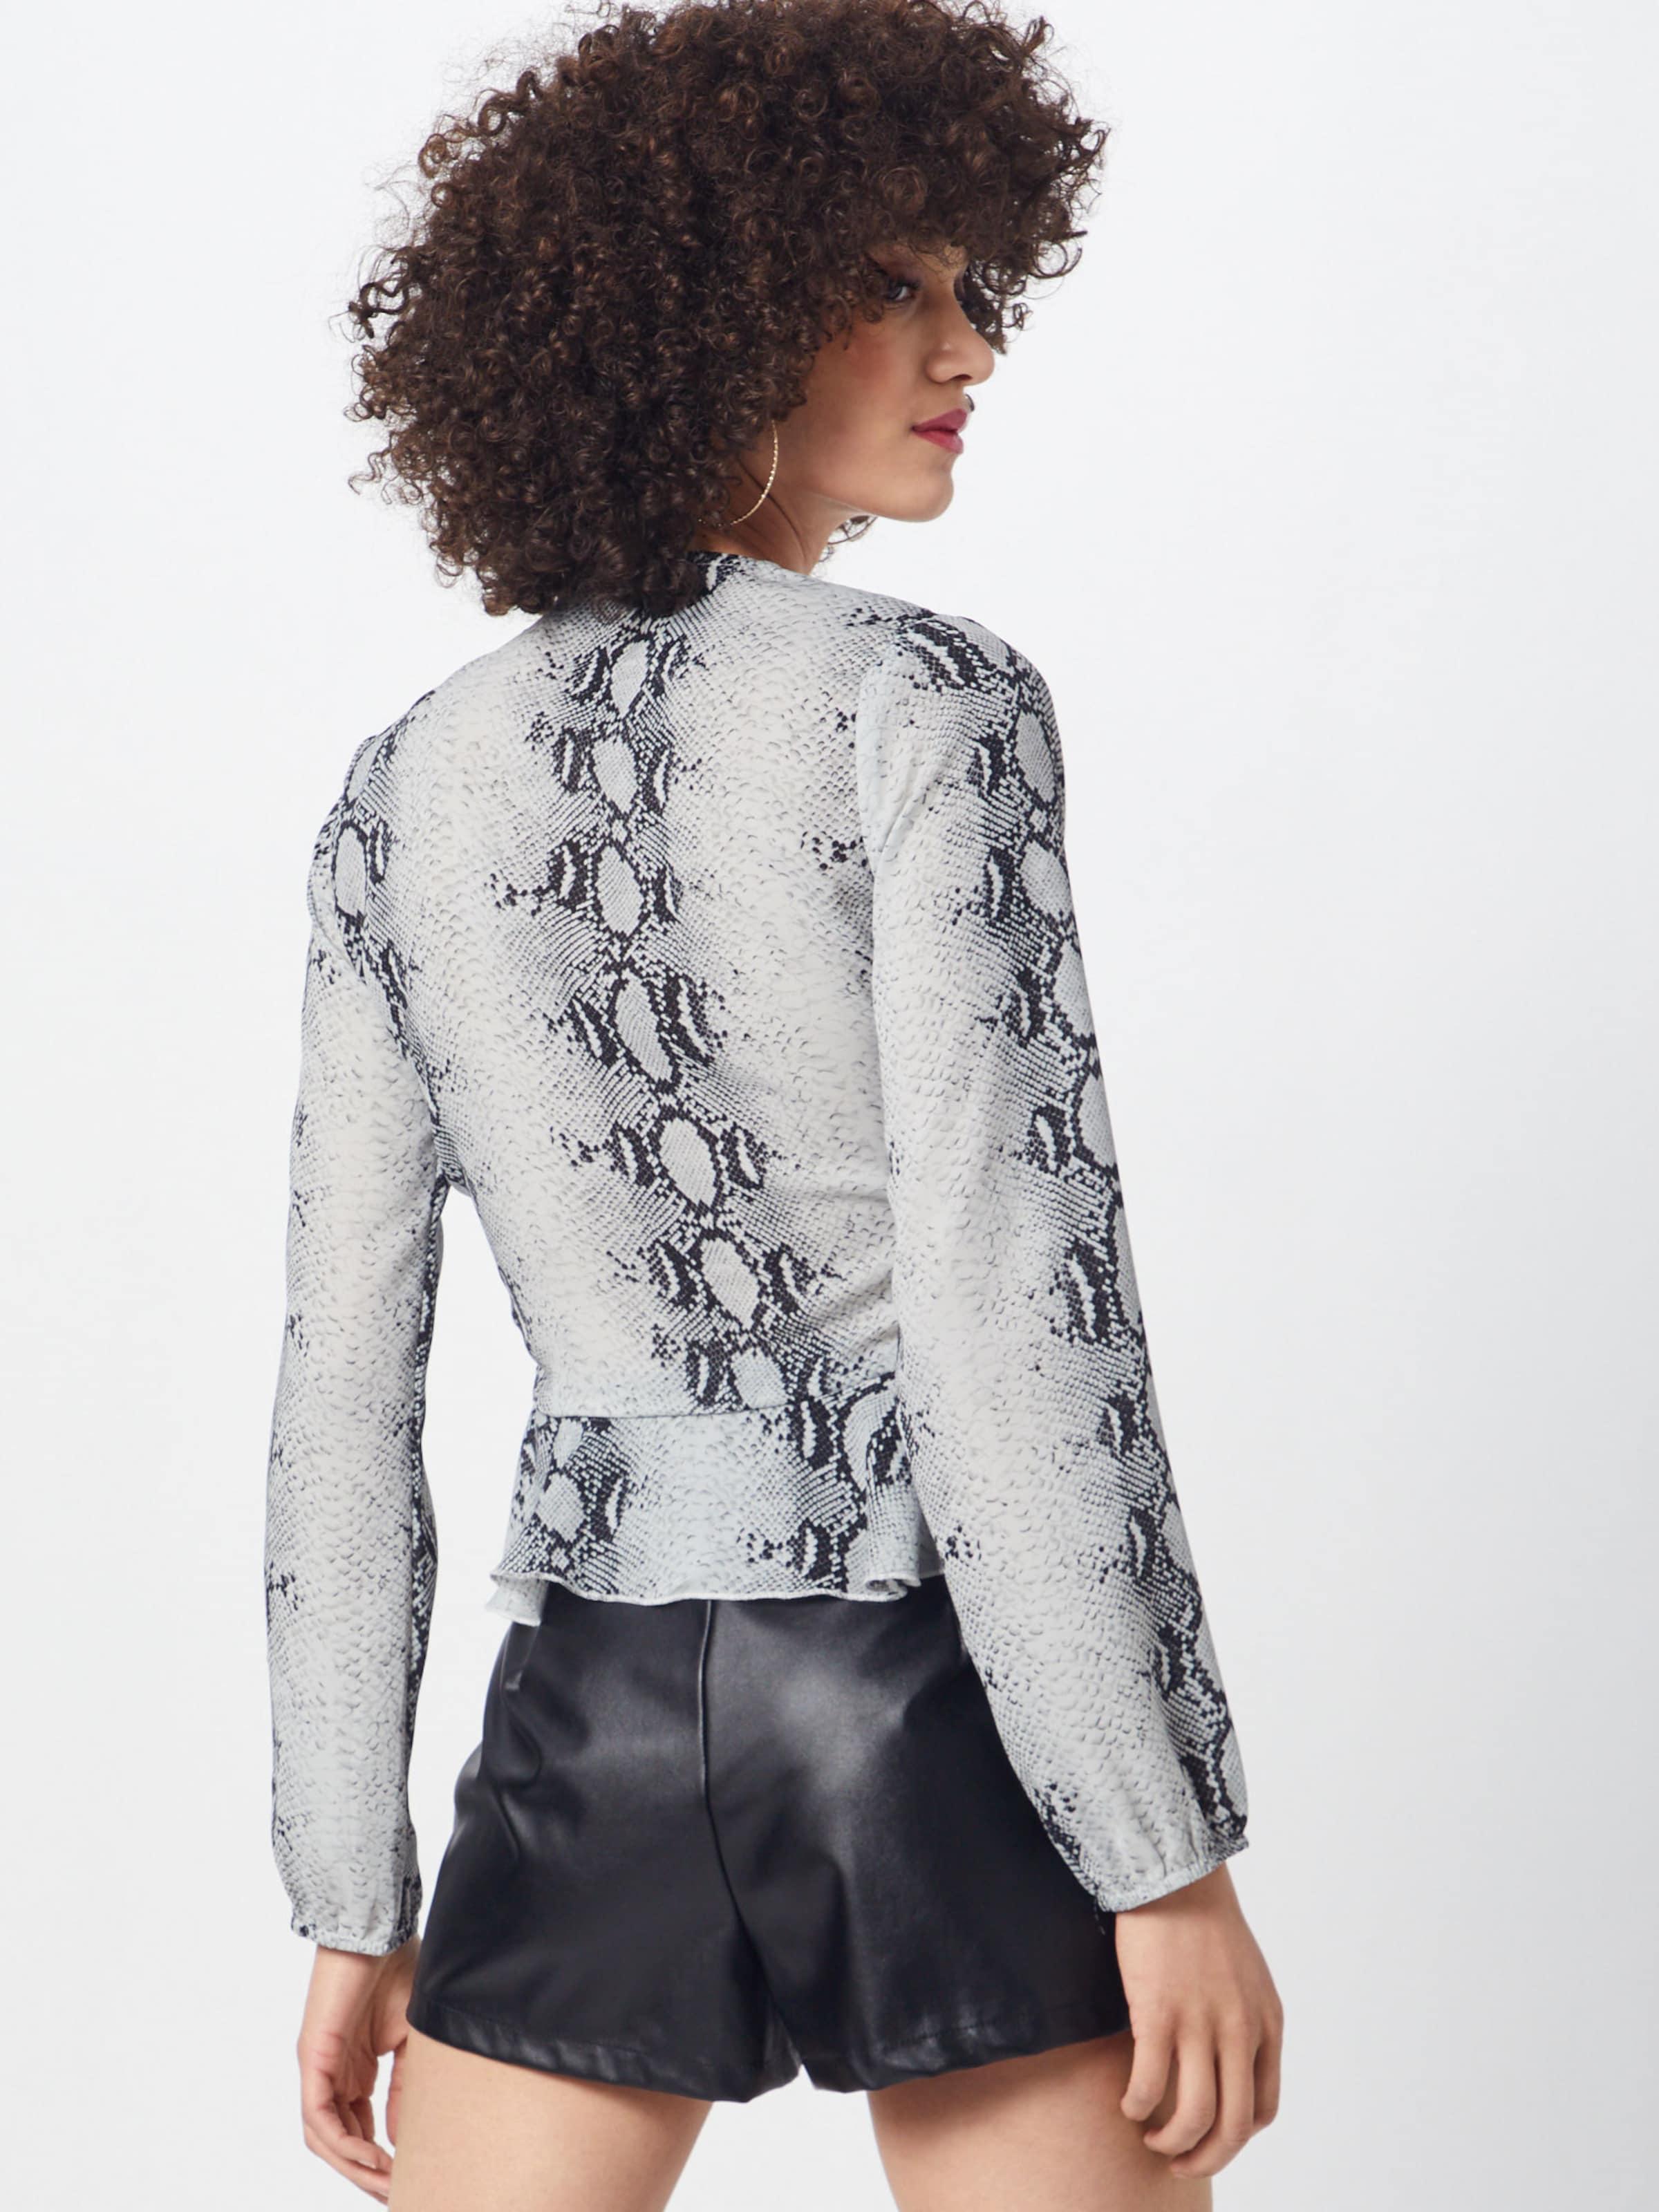 Print Missguided Bluse 'snake Hem BlauSchwarz Tie Ruffle Blouse' Front In 3lFuKJ1c5T